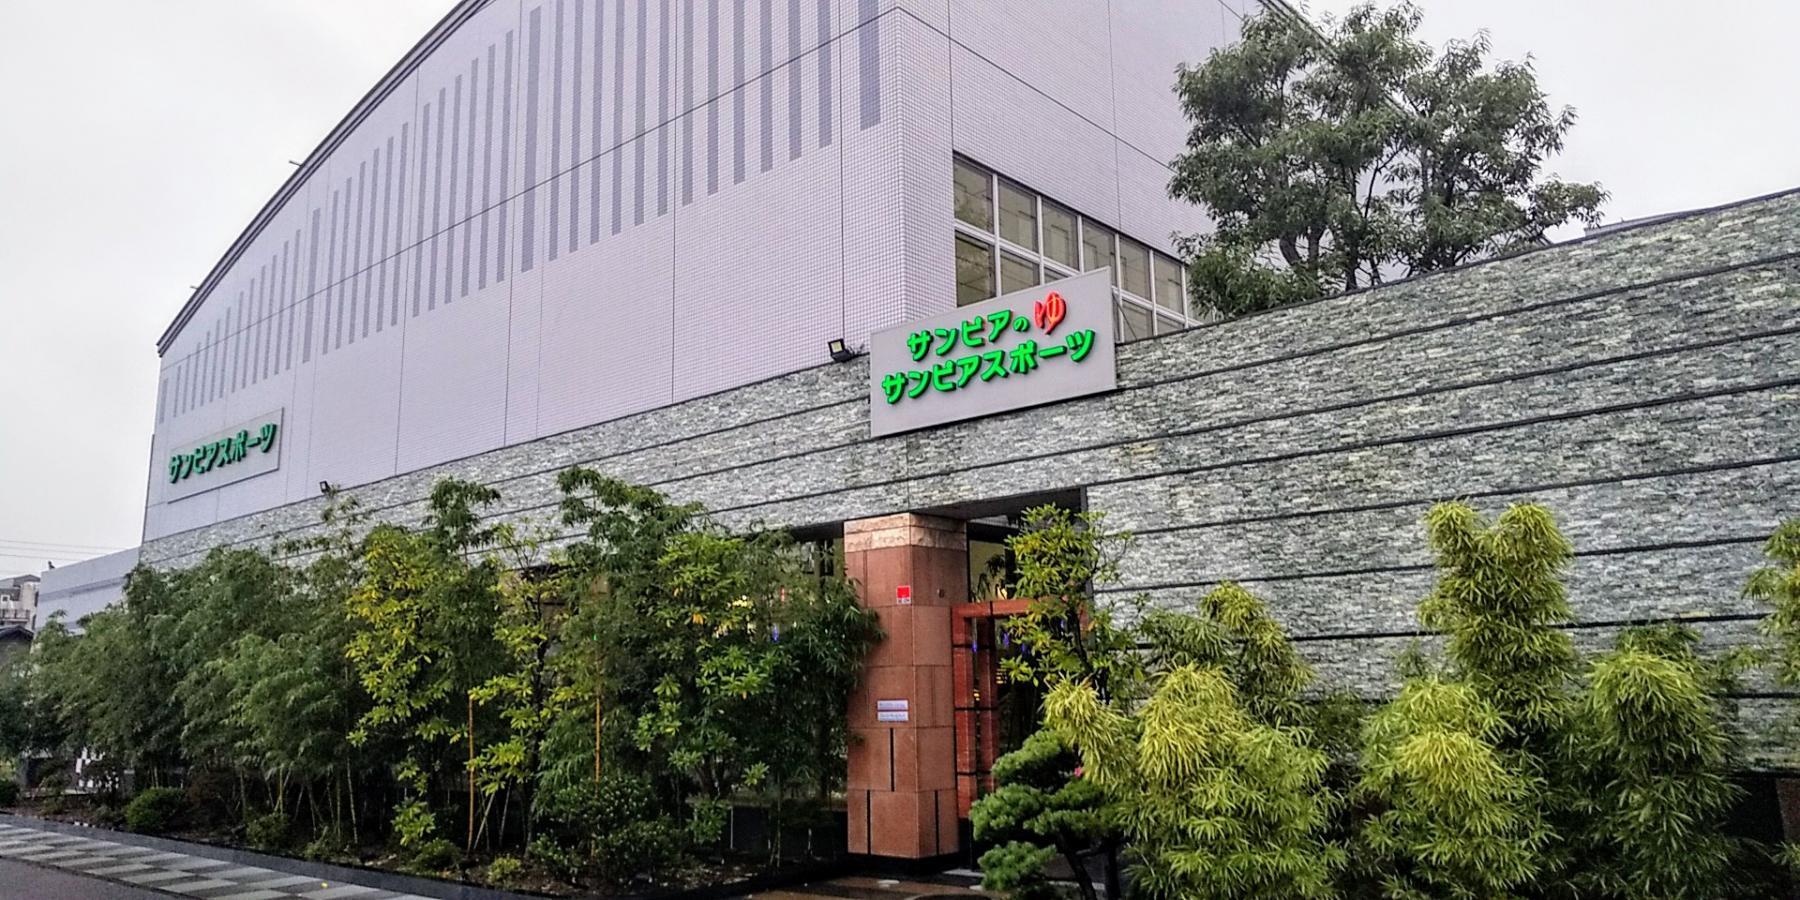 仙台湯処 サンピアの湯